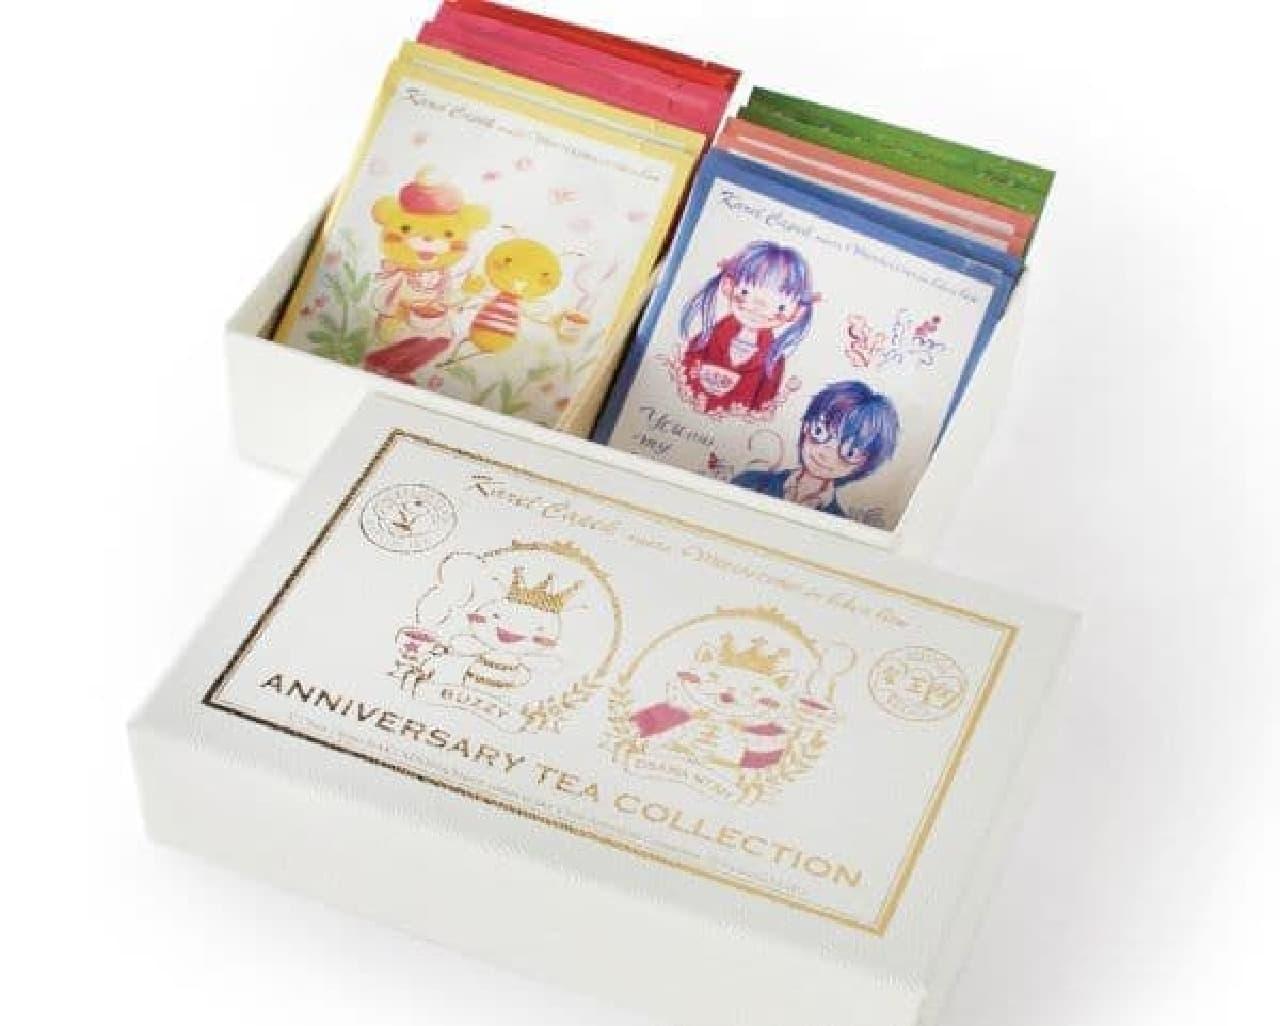 「ANNIVERSARY TEA COLLECTION」は、パッケージに『3月のライオン』の人気キャラクターが描かれたティーバッグ